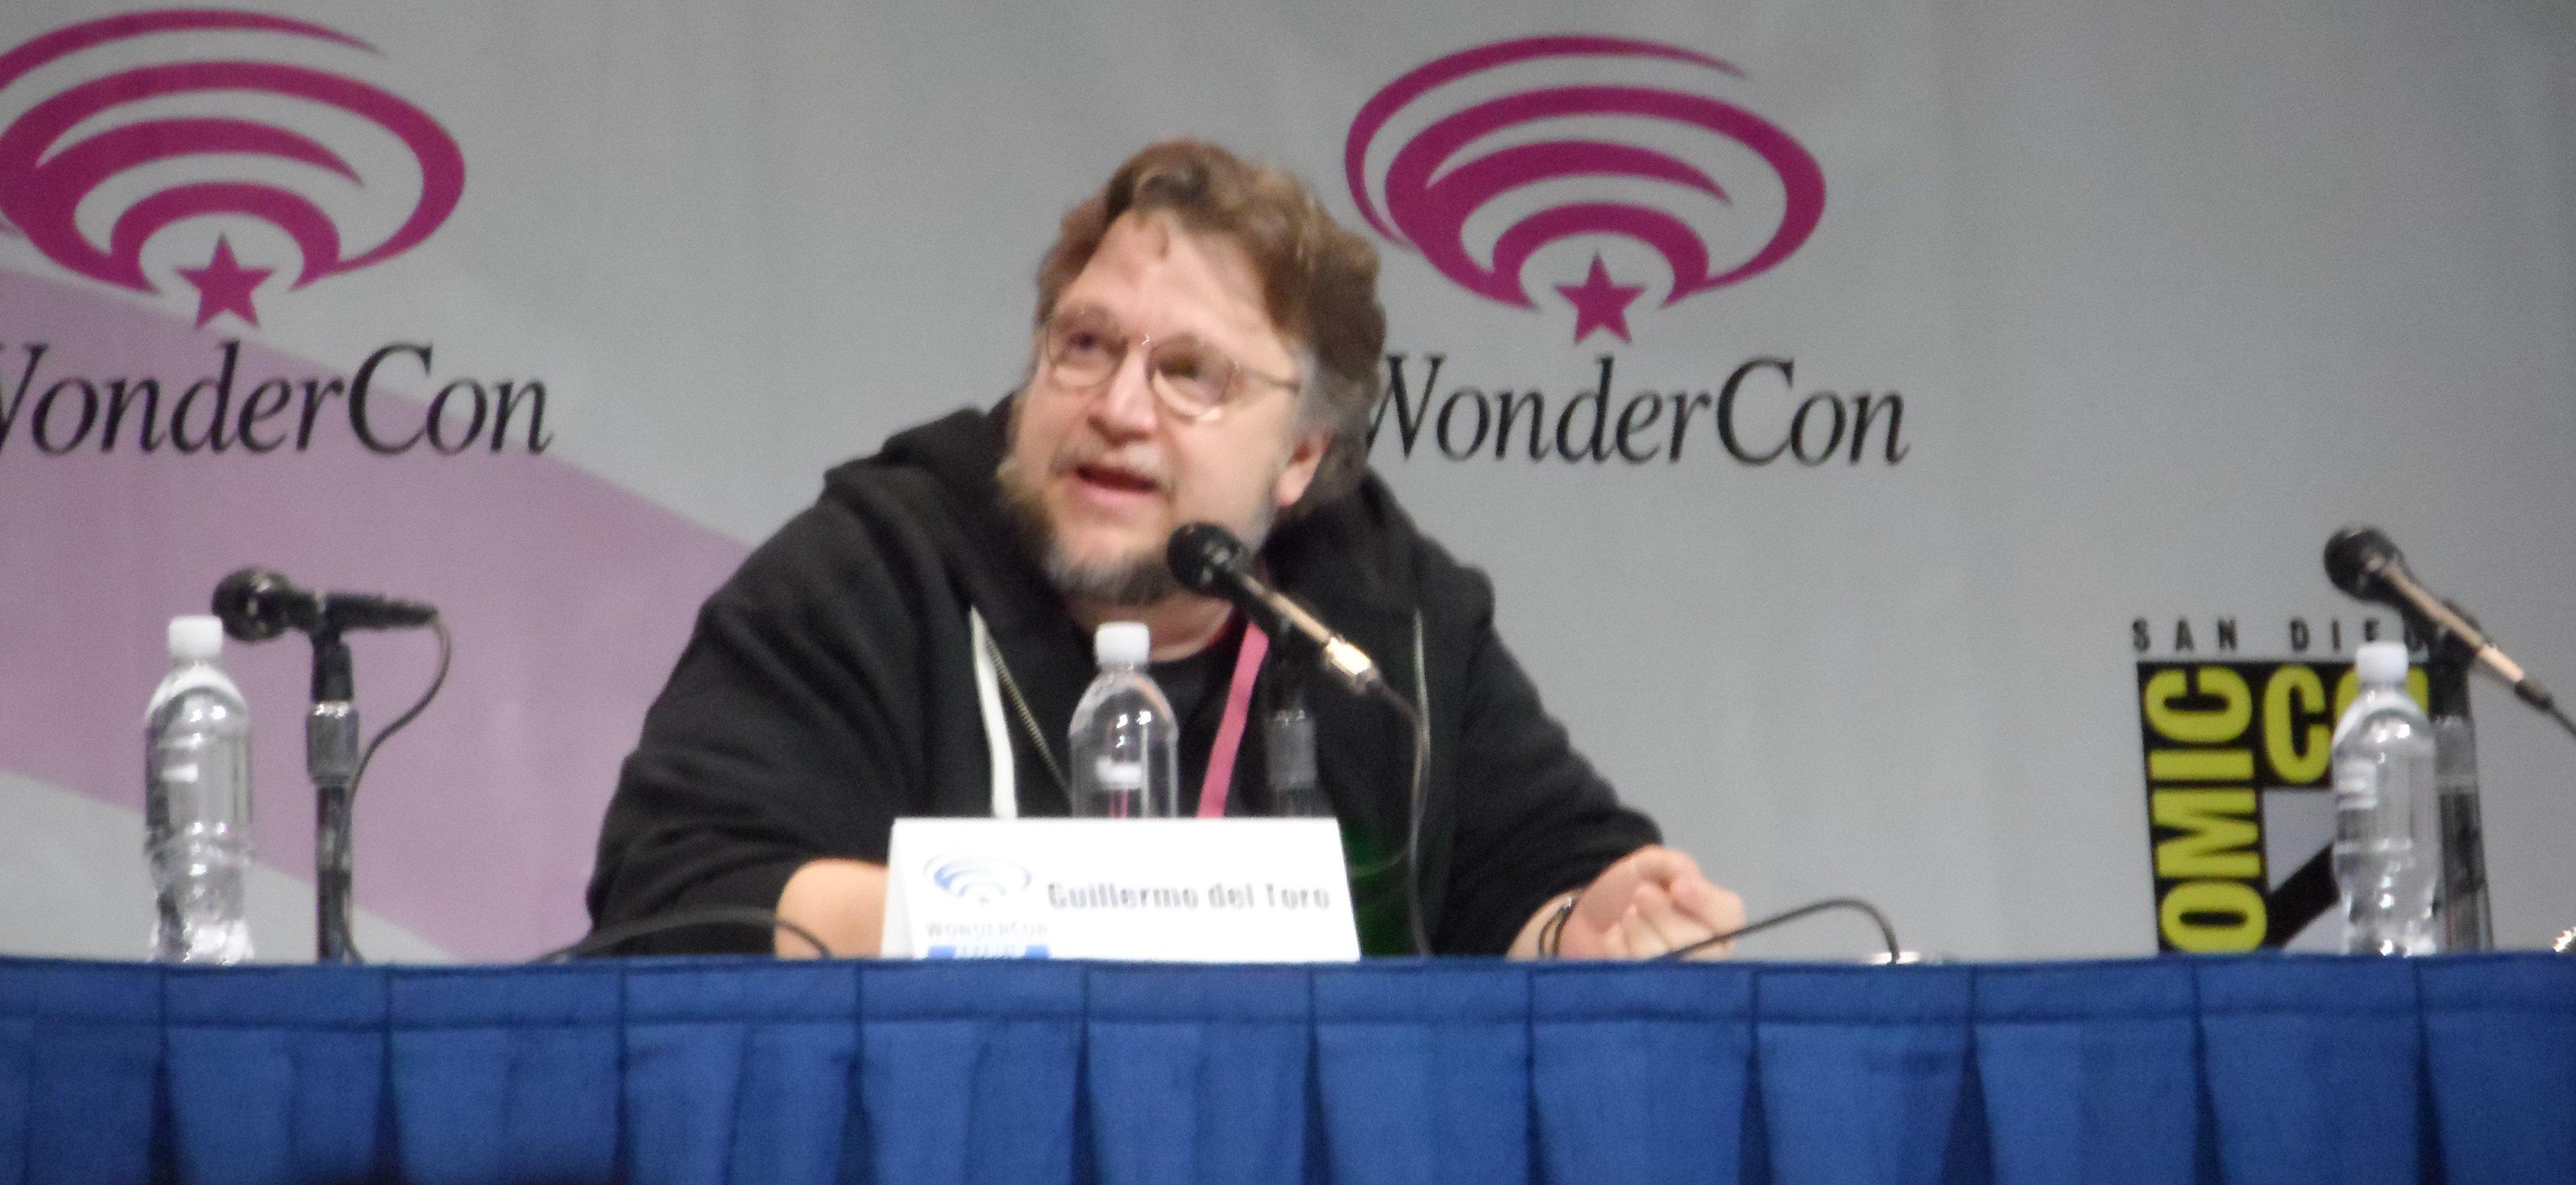 Wondercon, Guillermo Del Toro, Pacific Rim